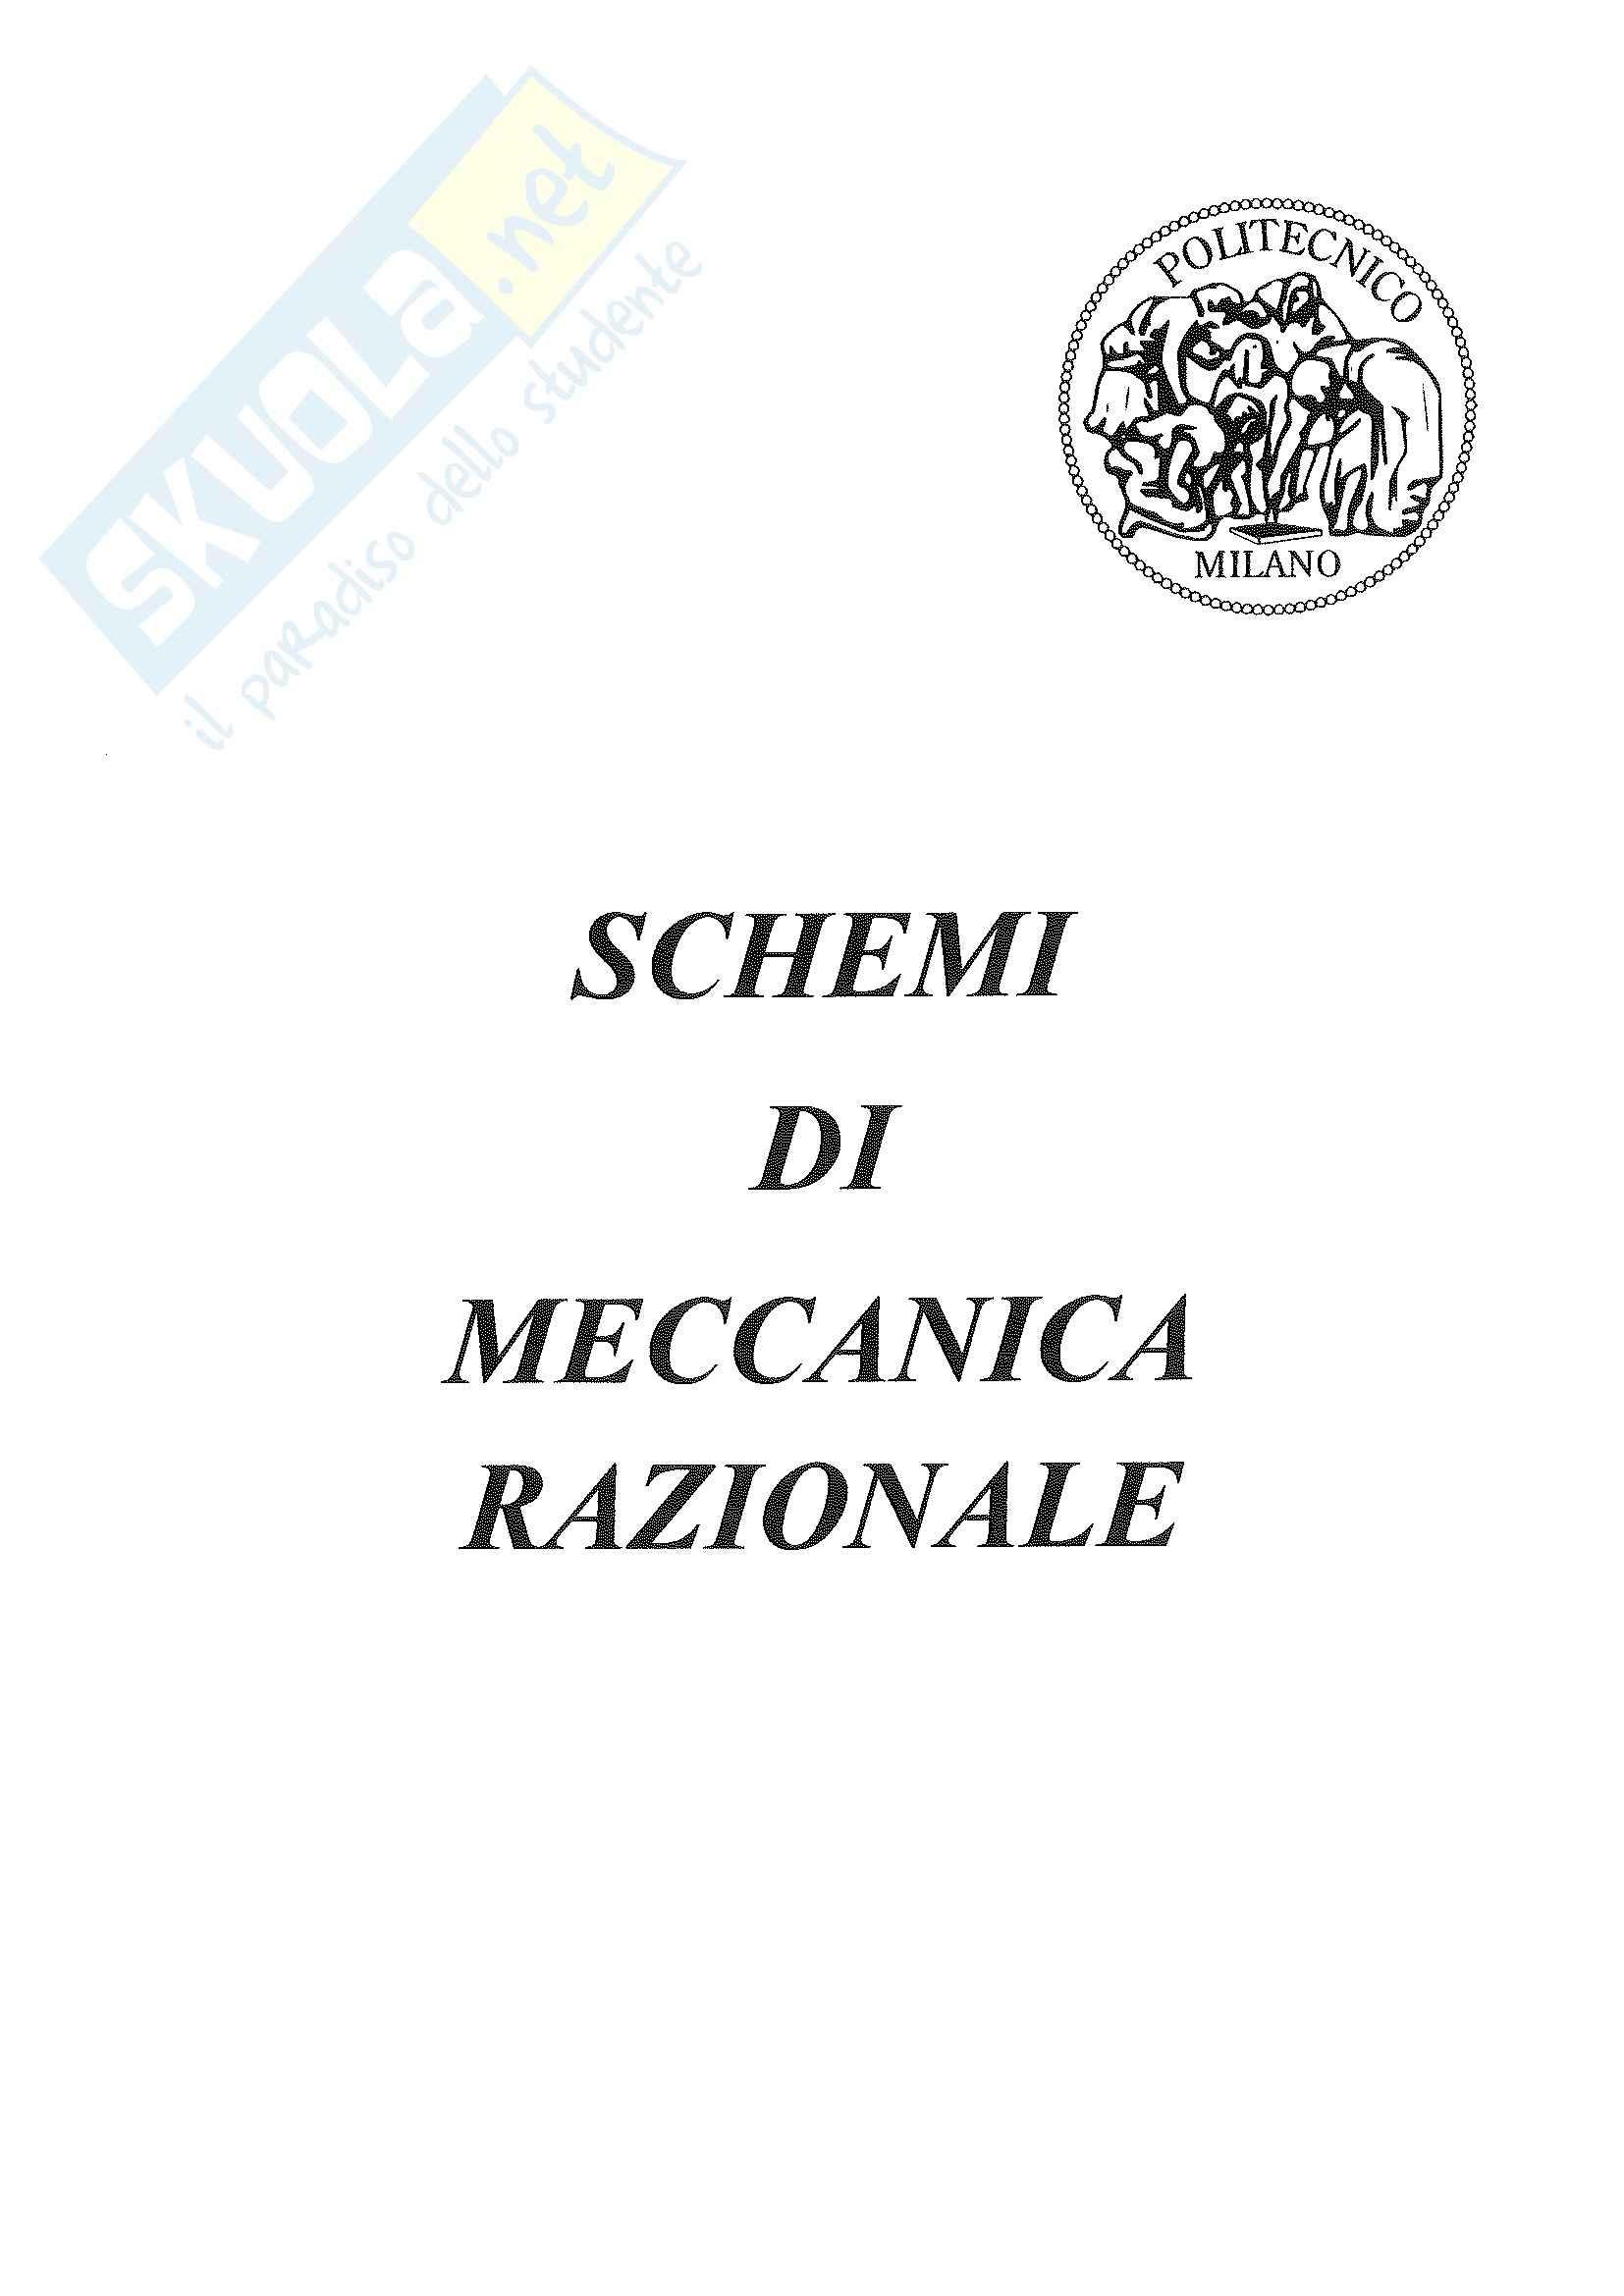 Schemi: Appunti di Meccanica Razionale